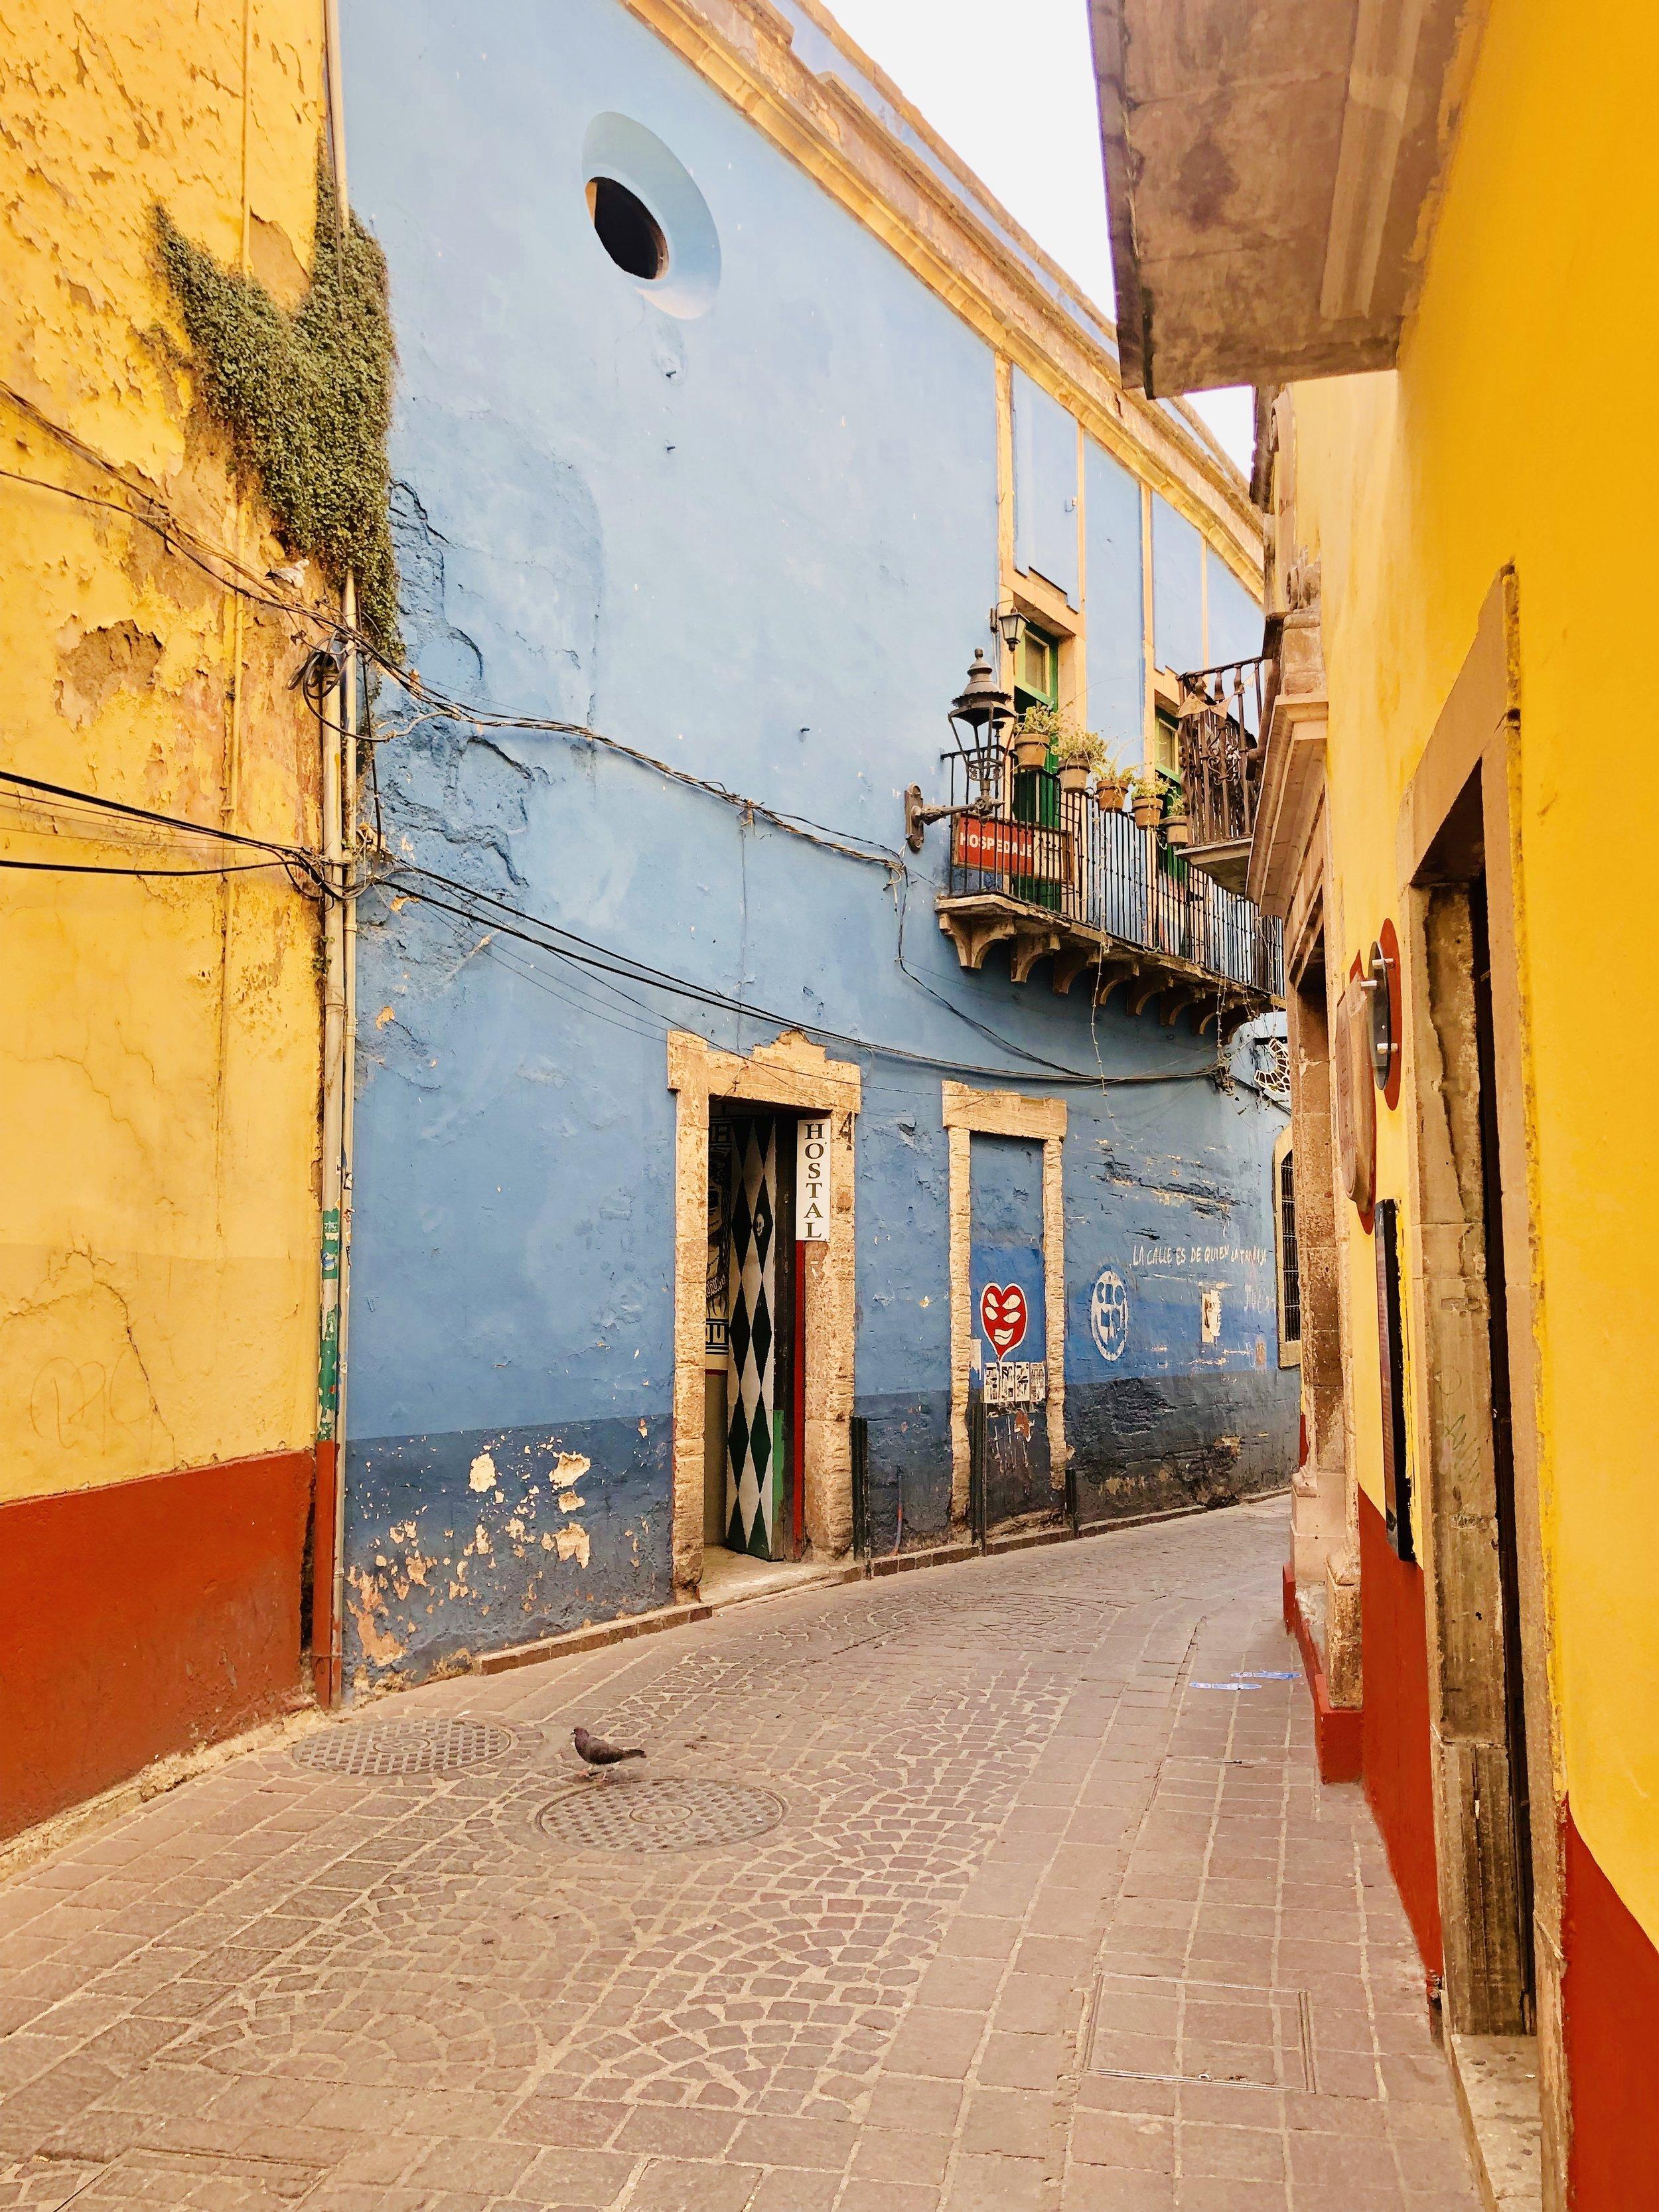 Guanajuato, Mexico 2018